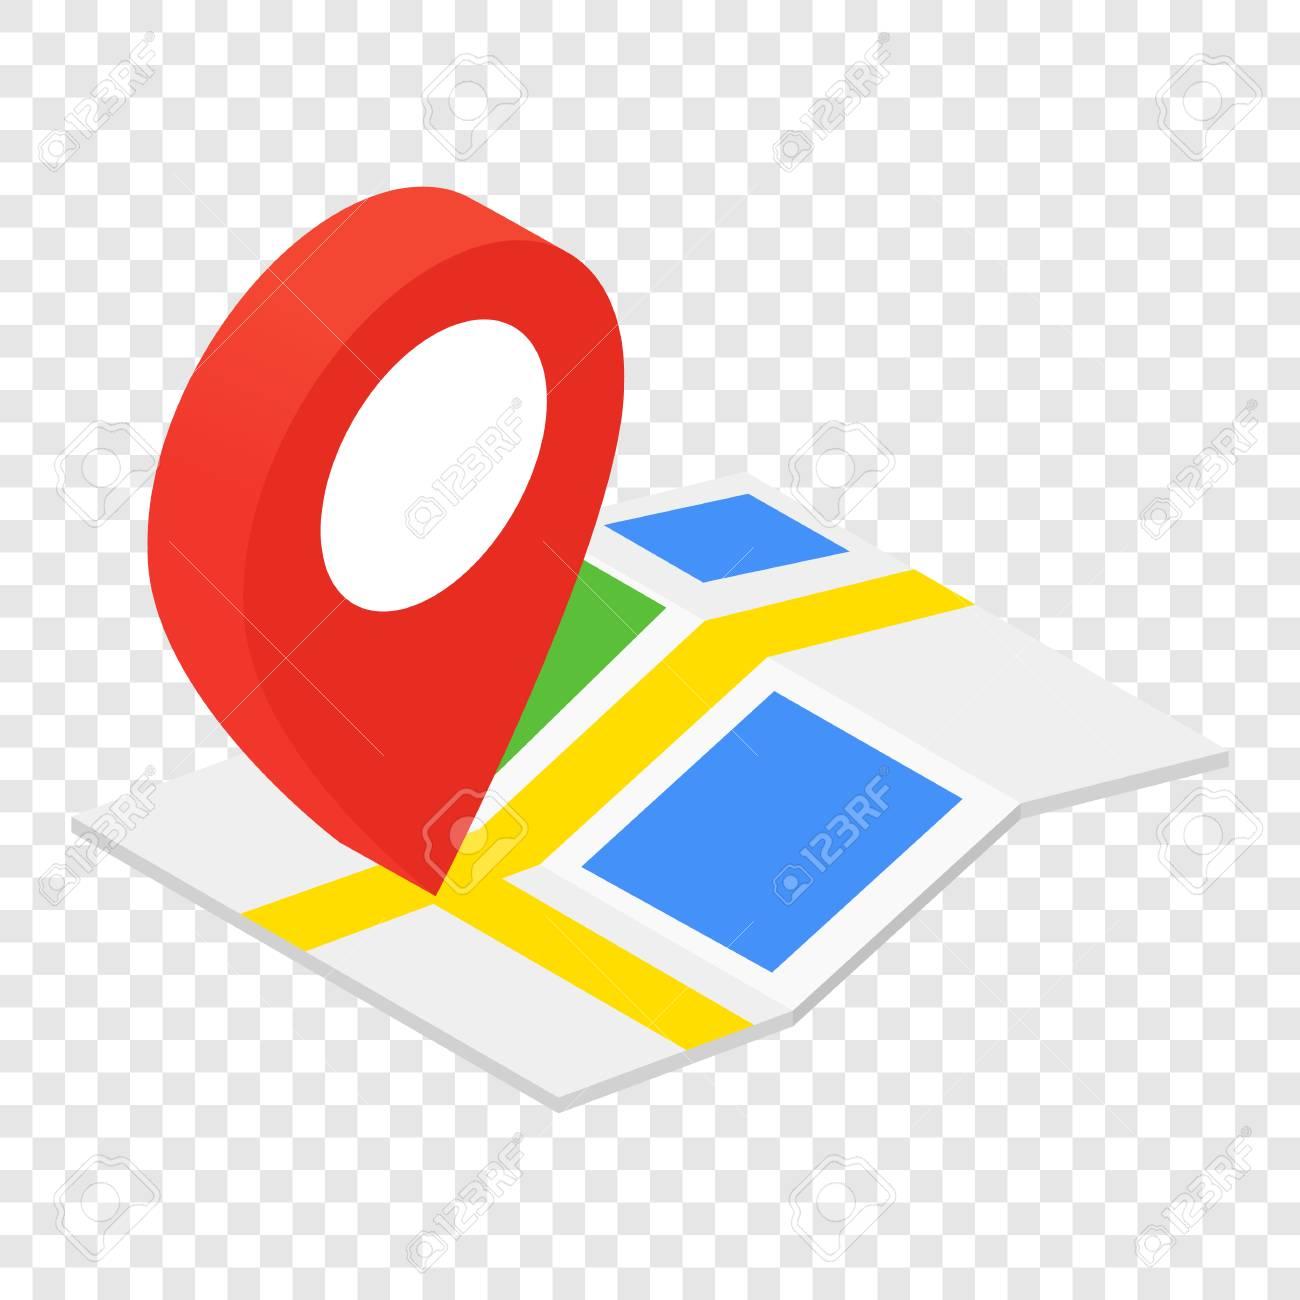 Icone Localisation icône 3d isométrique de localisation sur fond transparent clip art